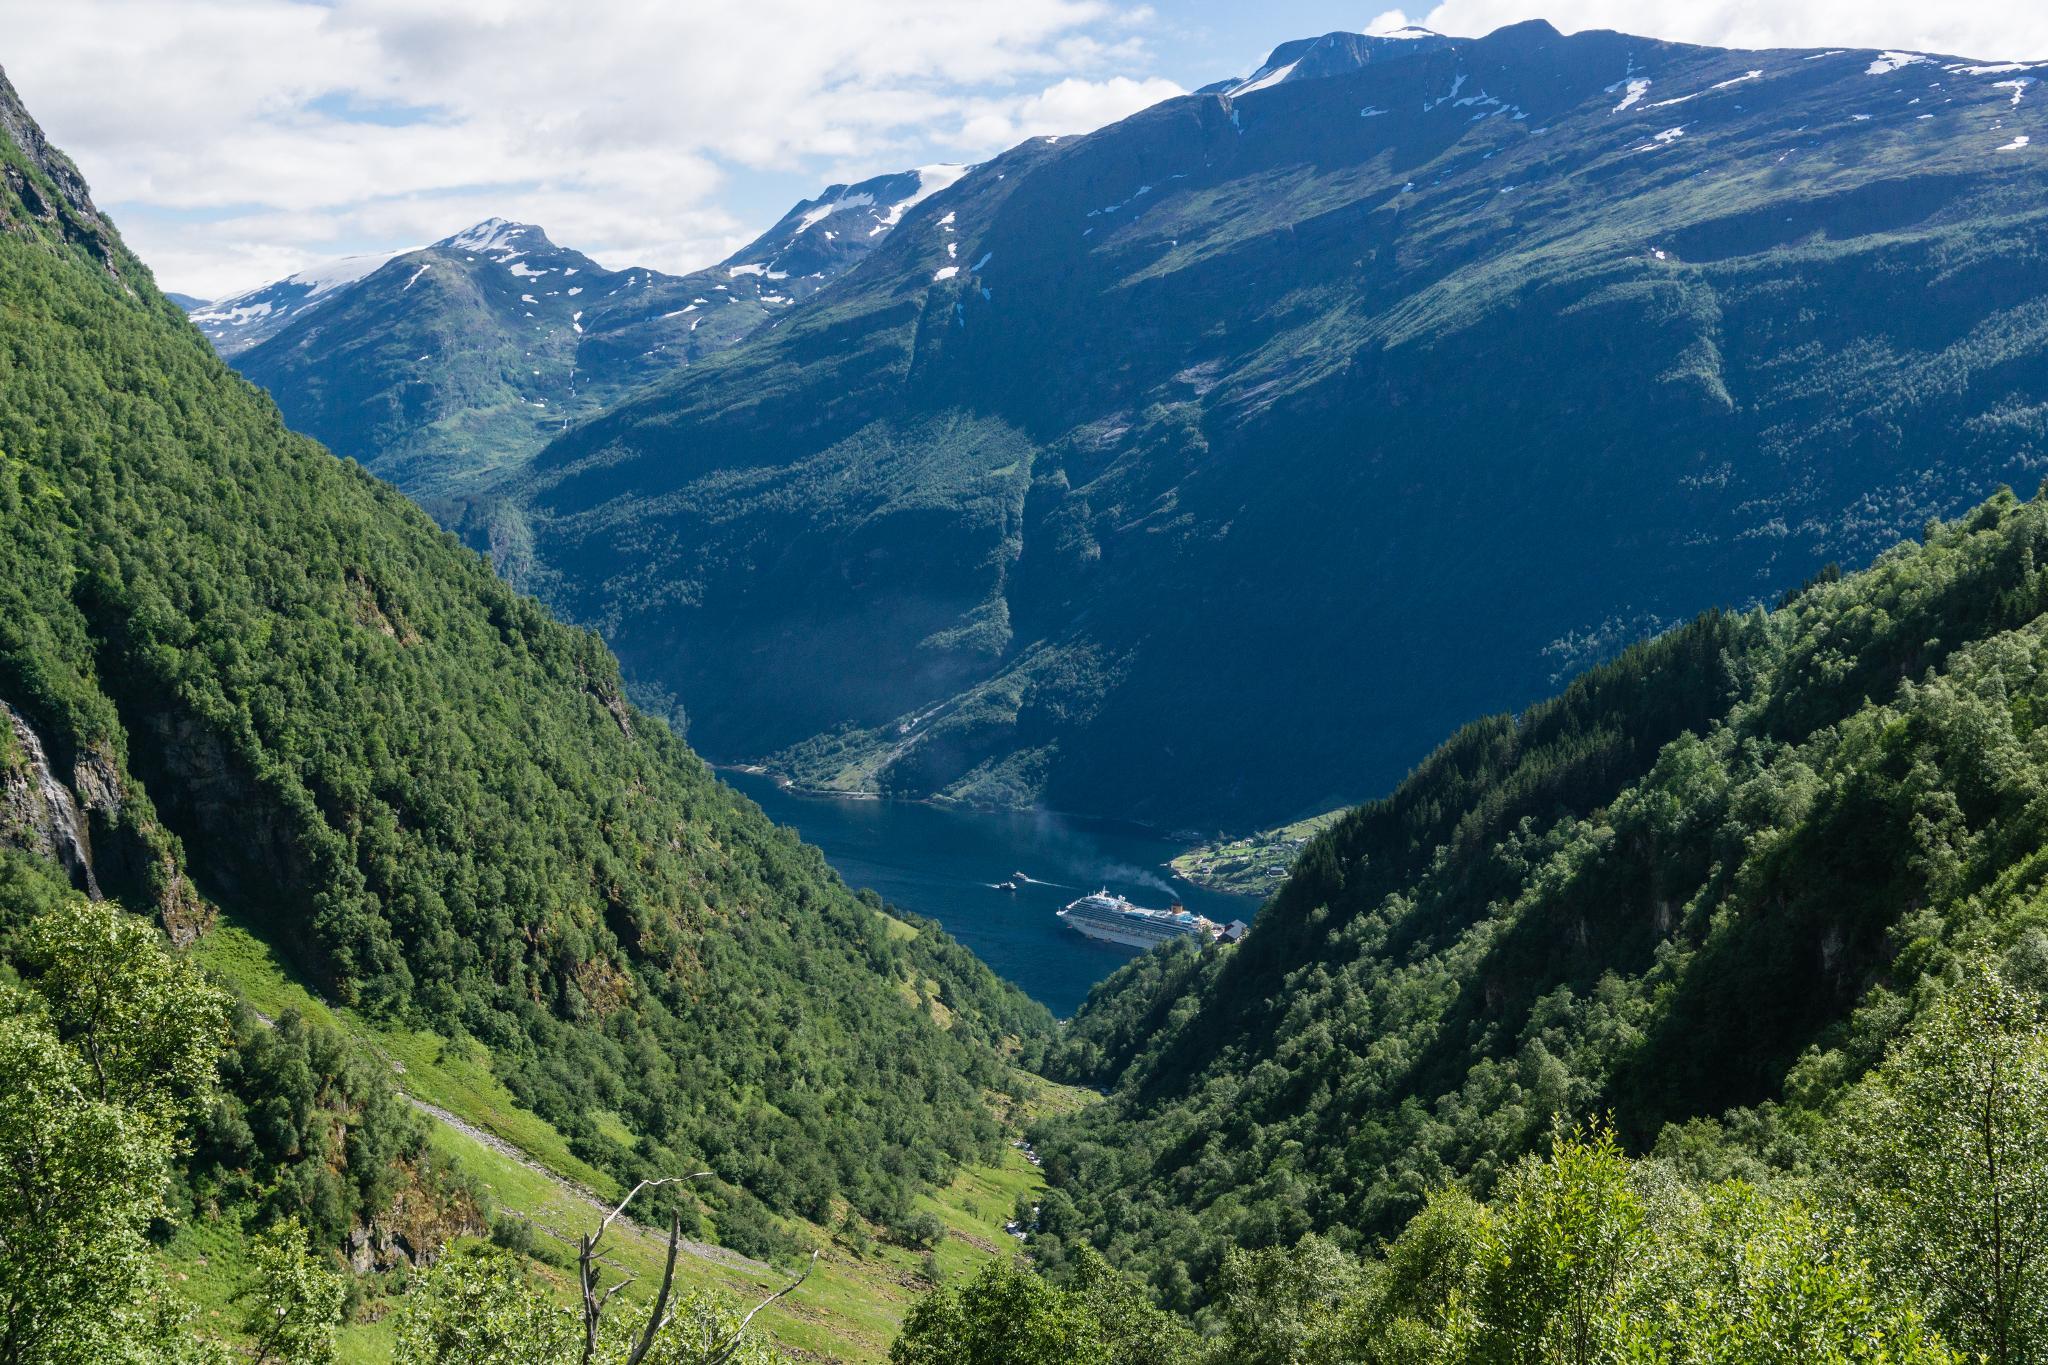 【北歐景點】Ørnesvingen 老鷹之路 ∣ 挪威世界遺產 — 蓋倫格峽灣景點總整理 9